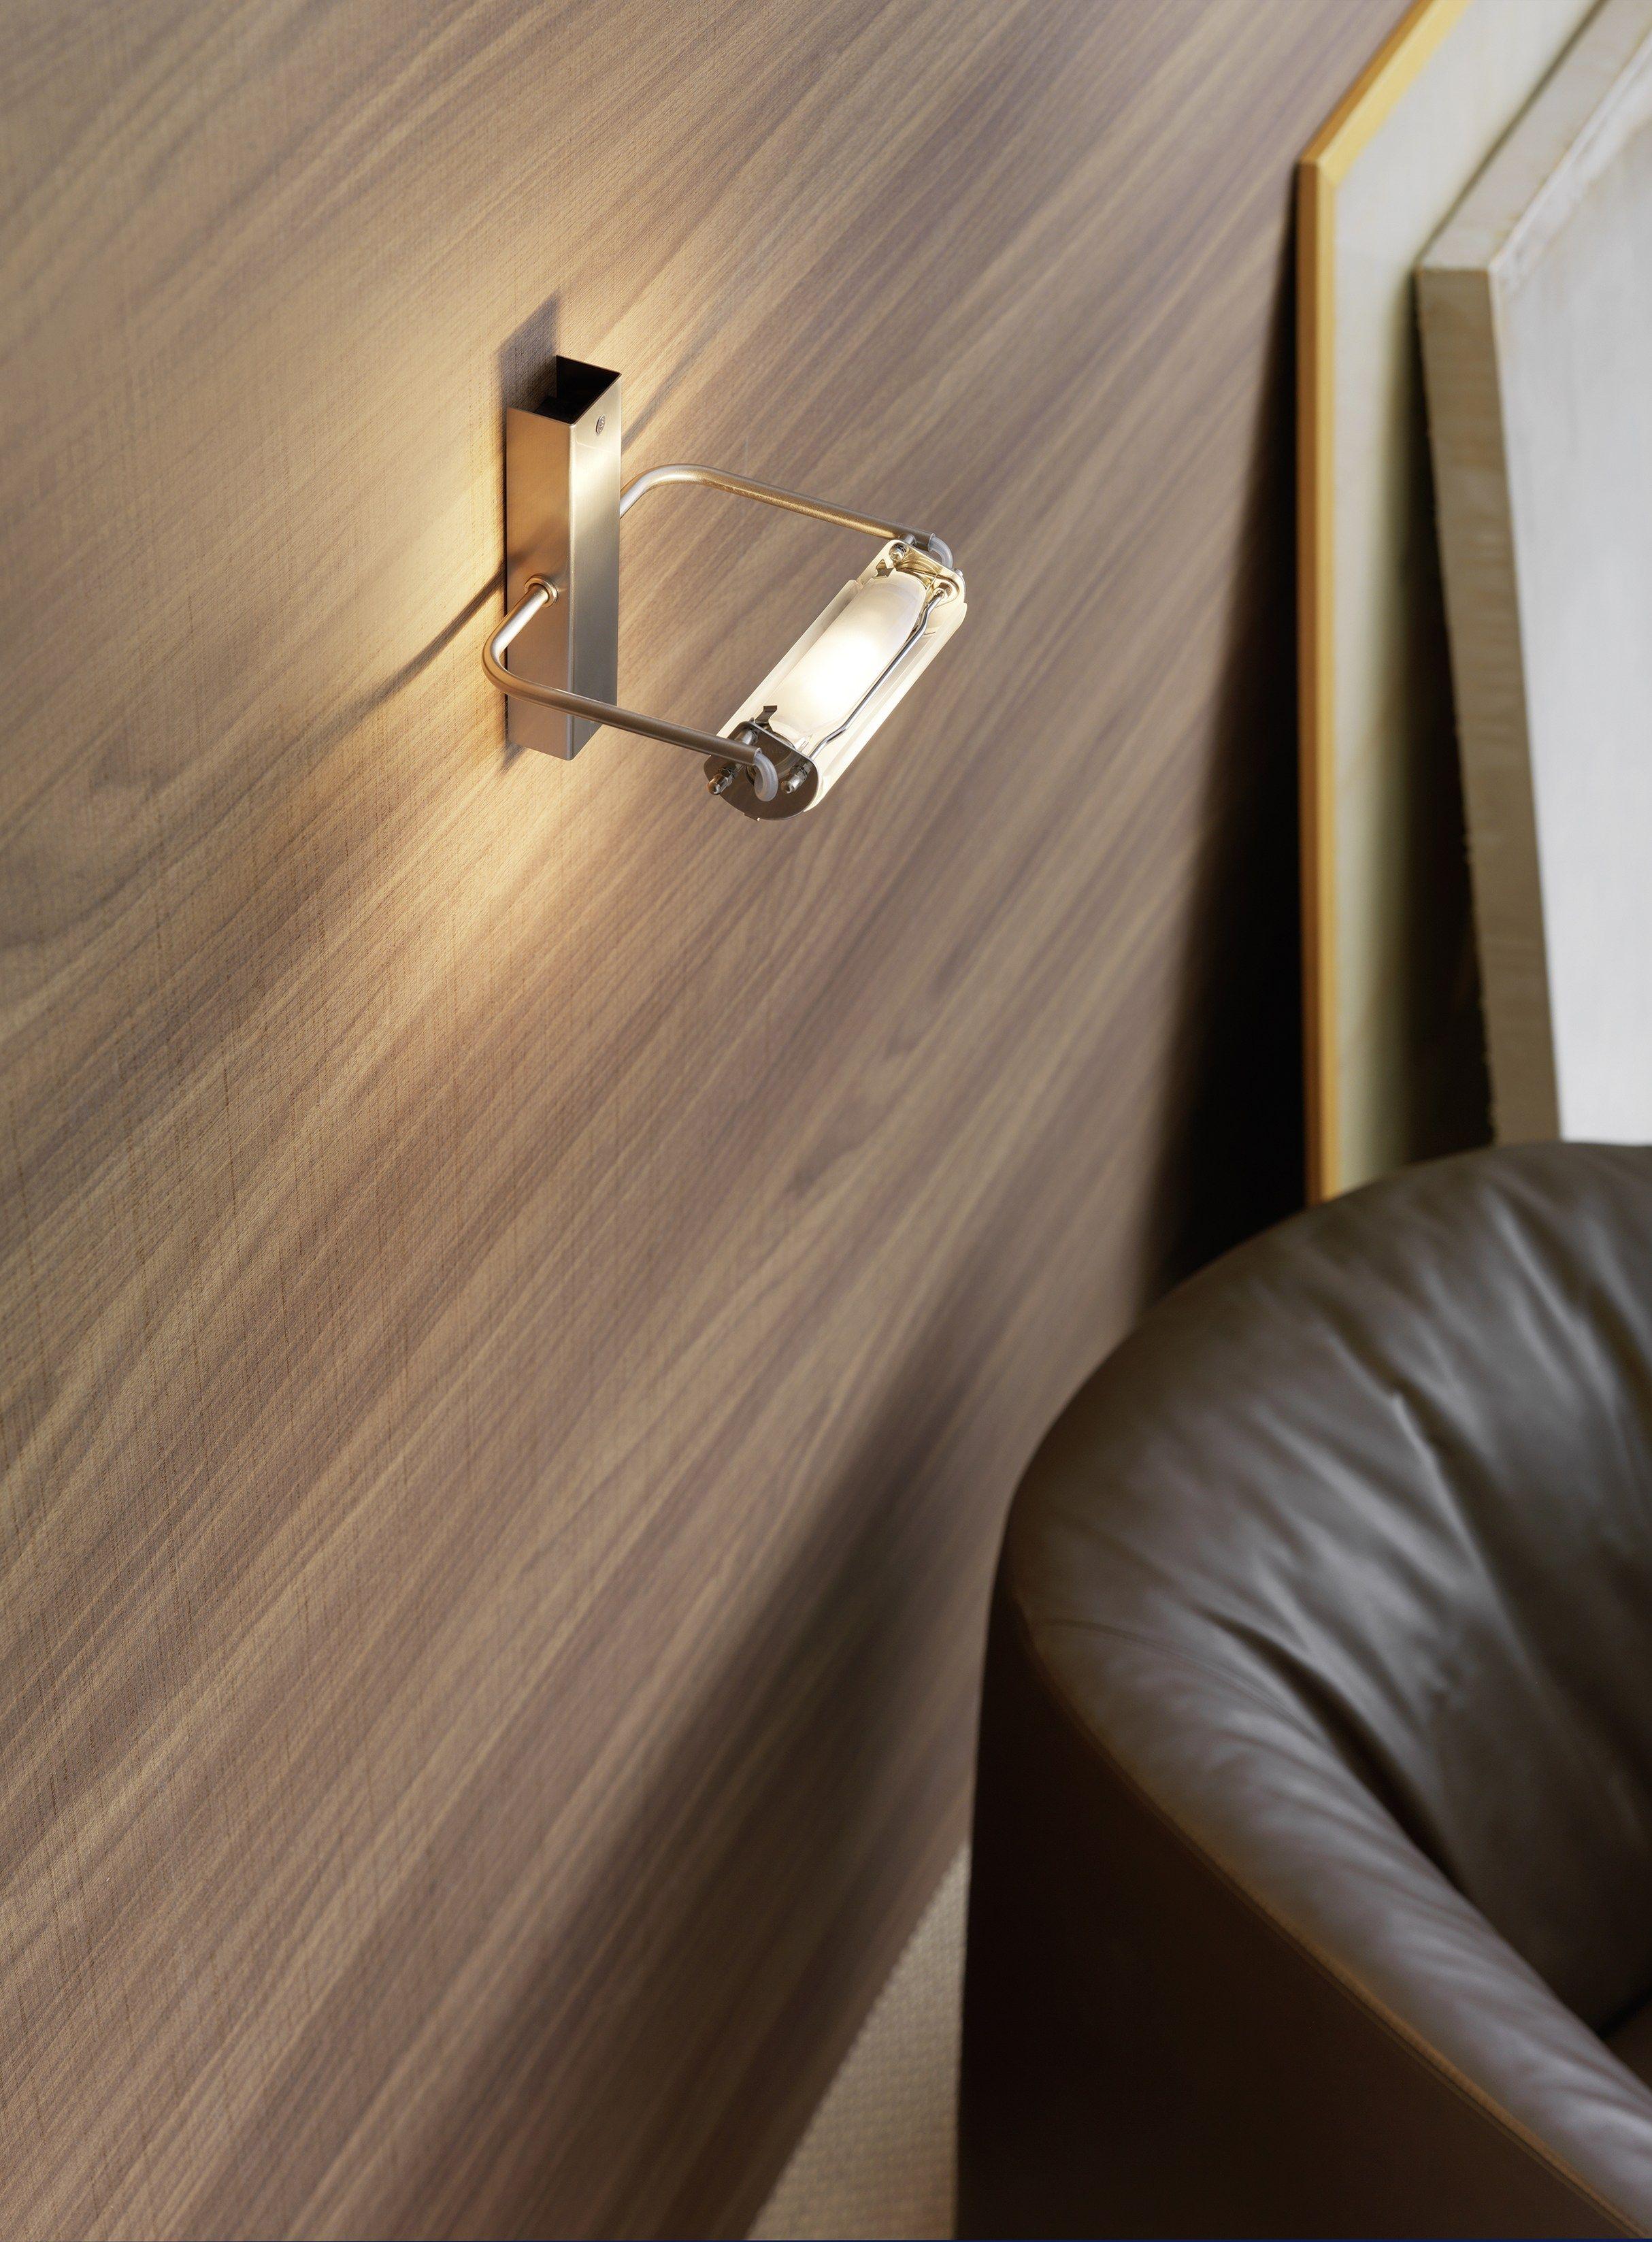 Scintilla lampada da parete design by fontanaarte - Lampada da parete design ...